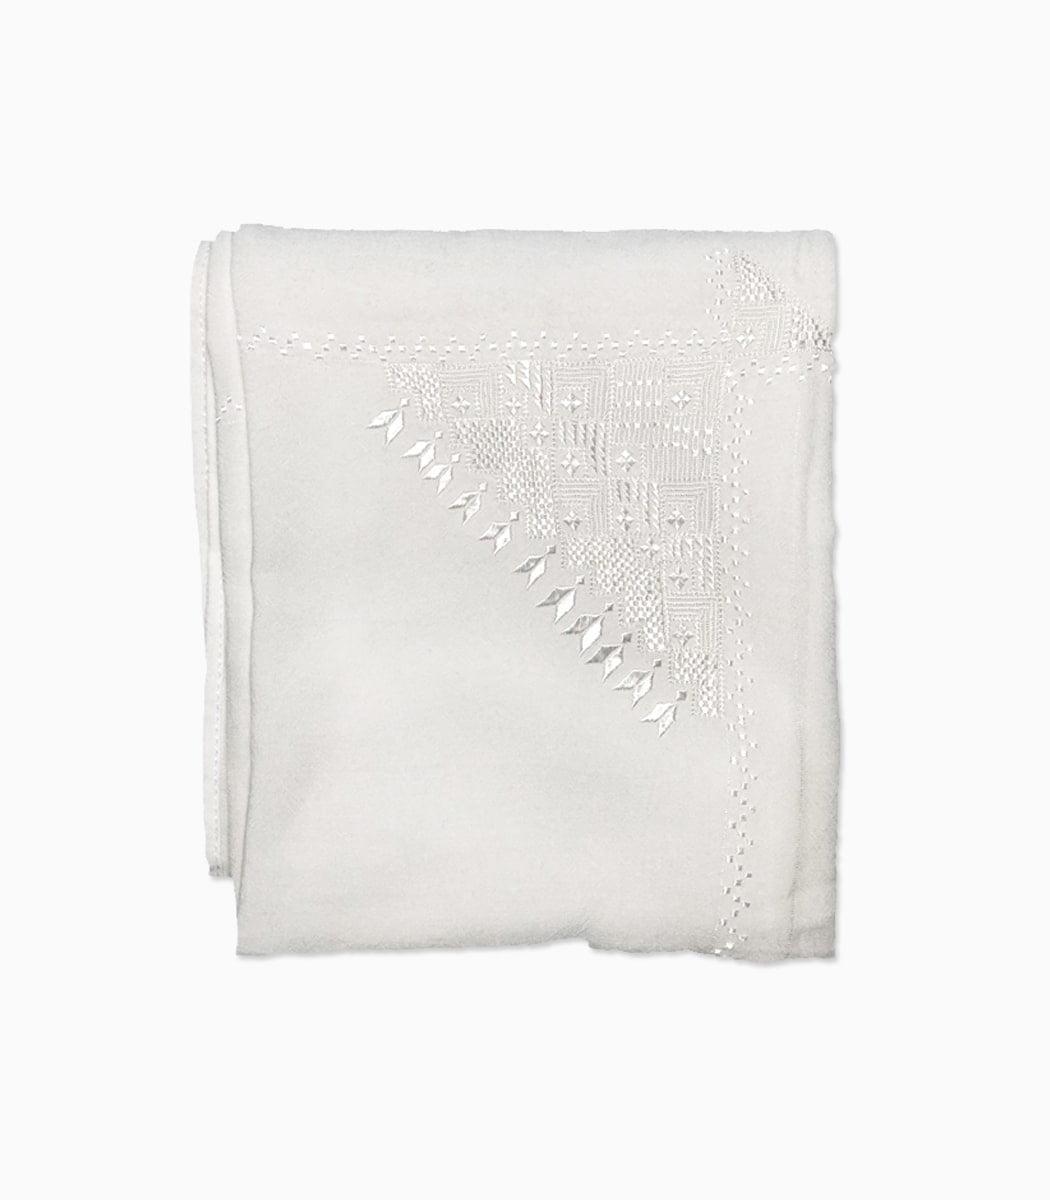 دستمال خامک دوزی